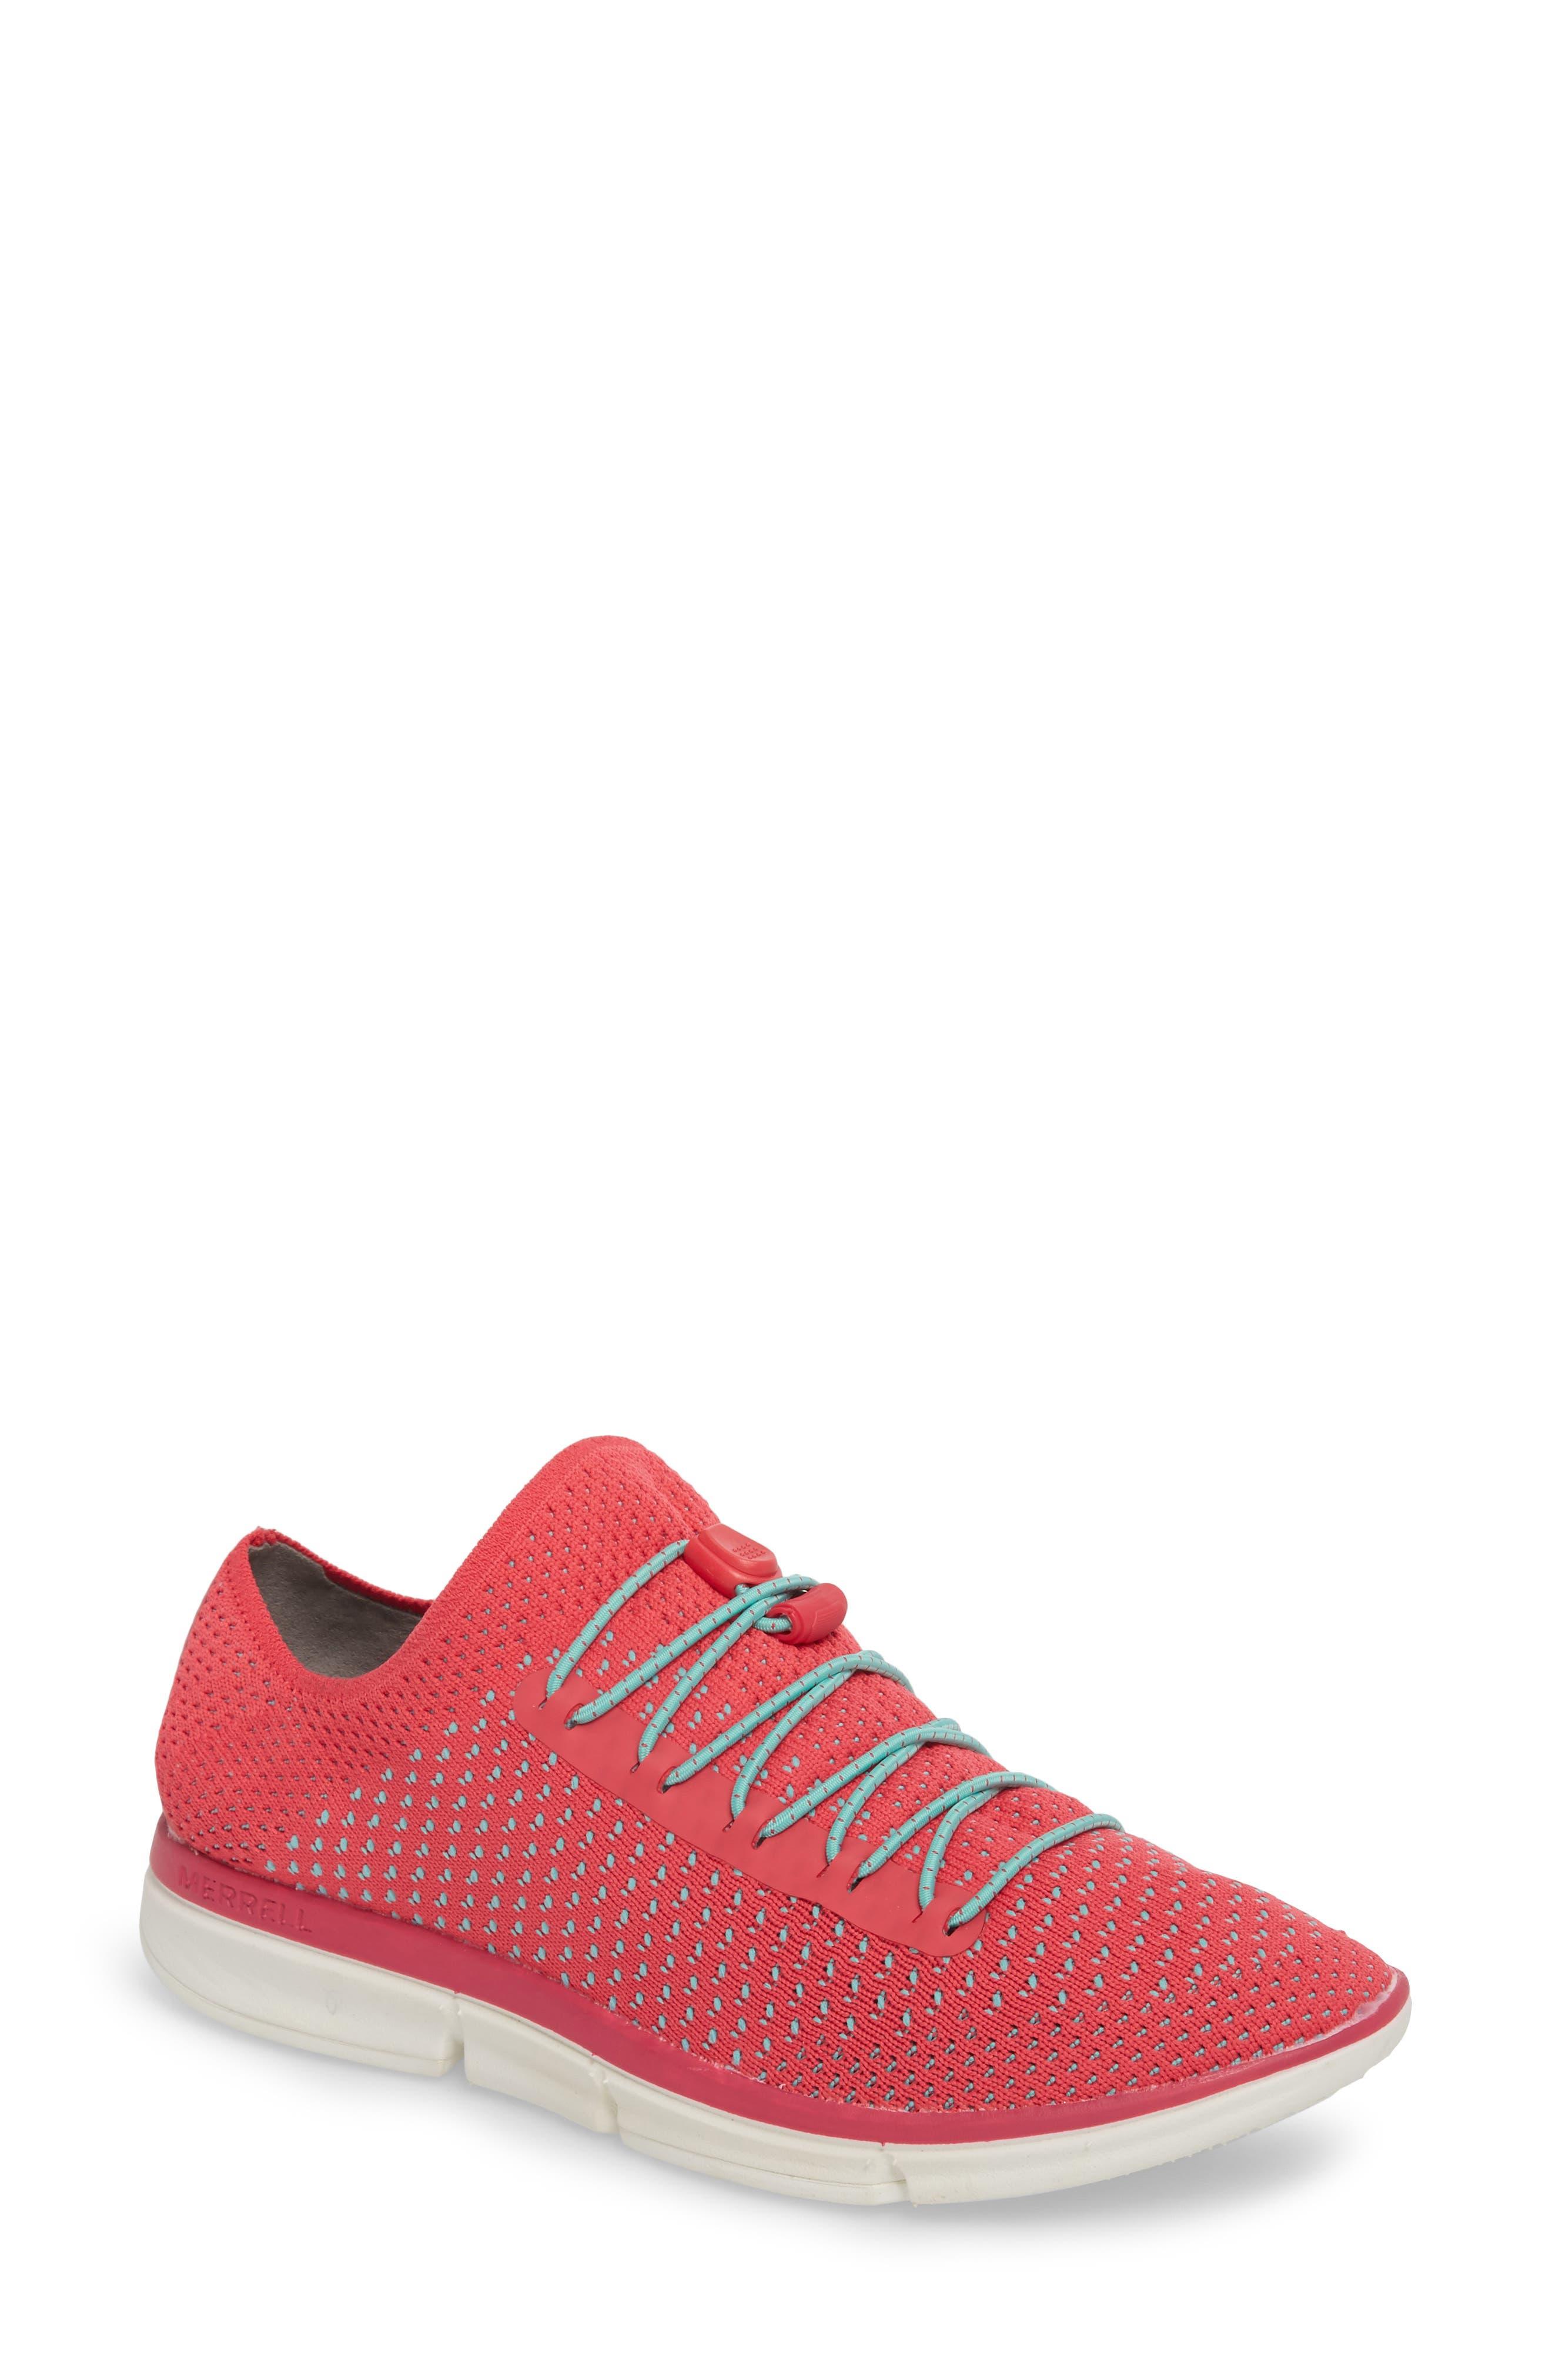 Zoe Sojourn Lace Knit Sneaker,                         Main,                         color, Azalea